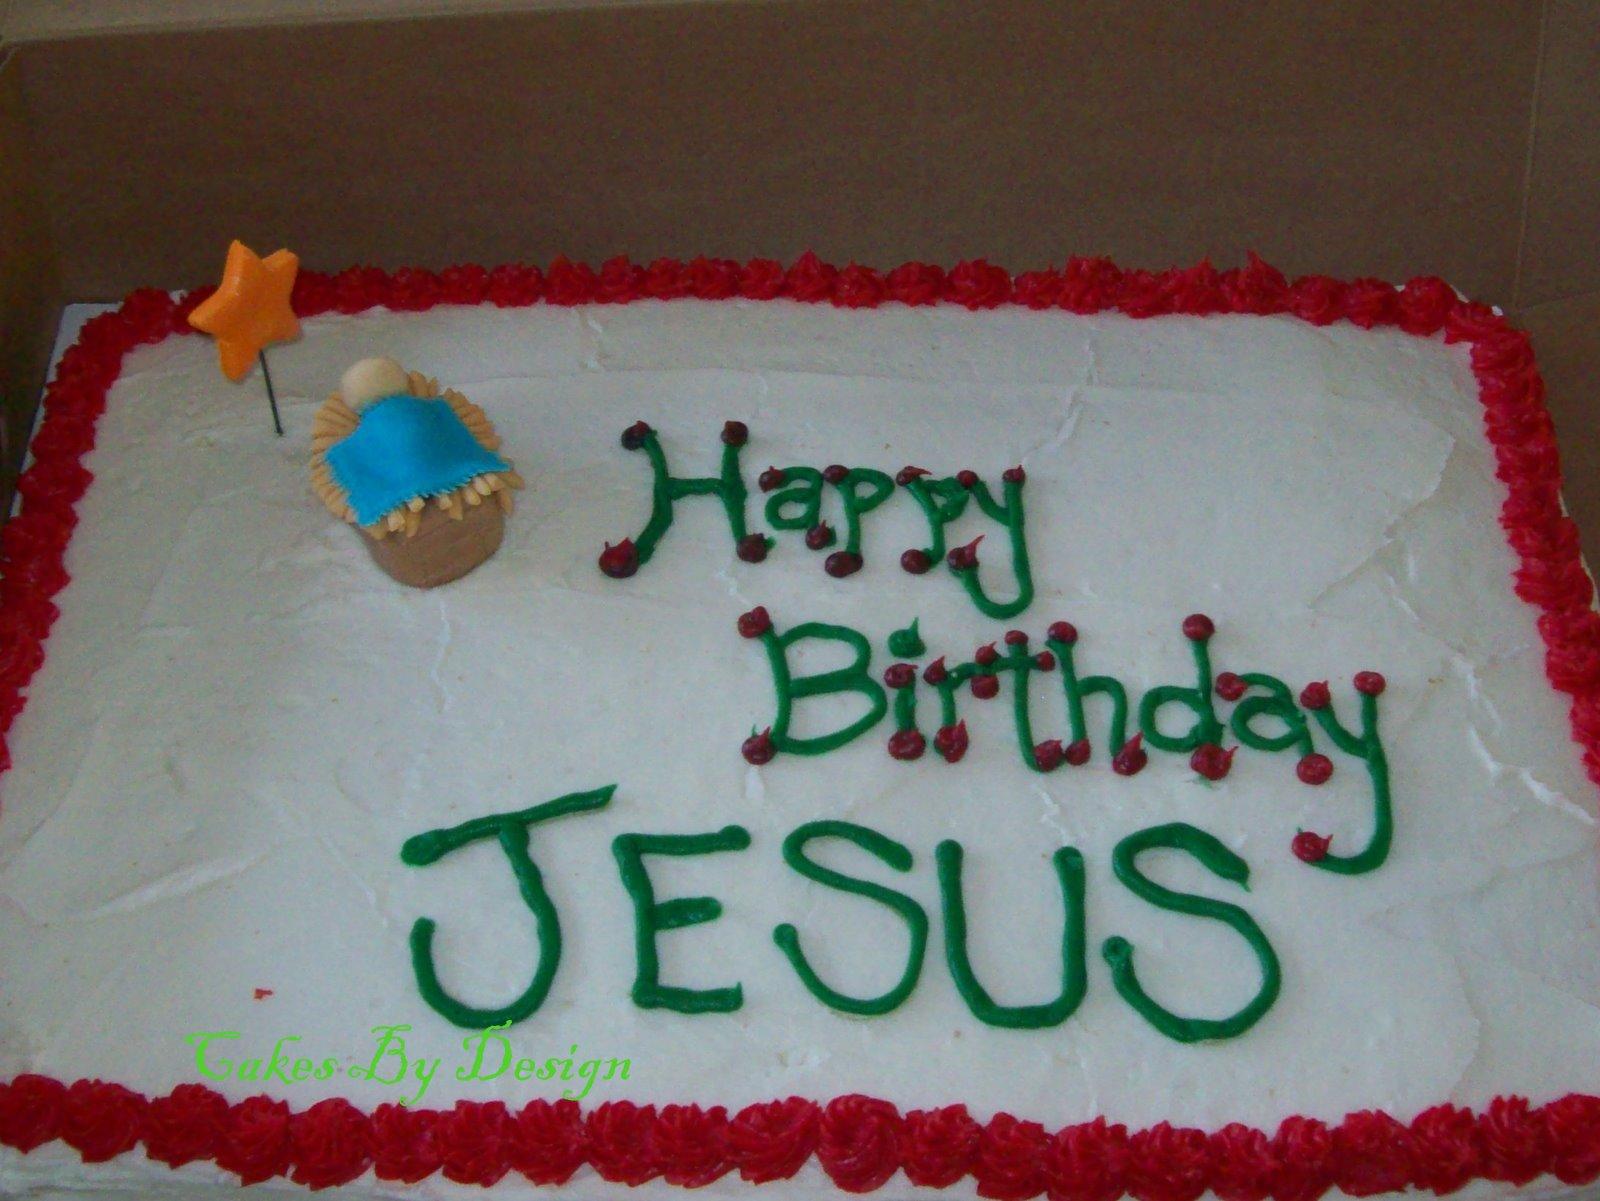 Cakes By Design HAPPY BIRTHDAY